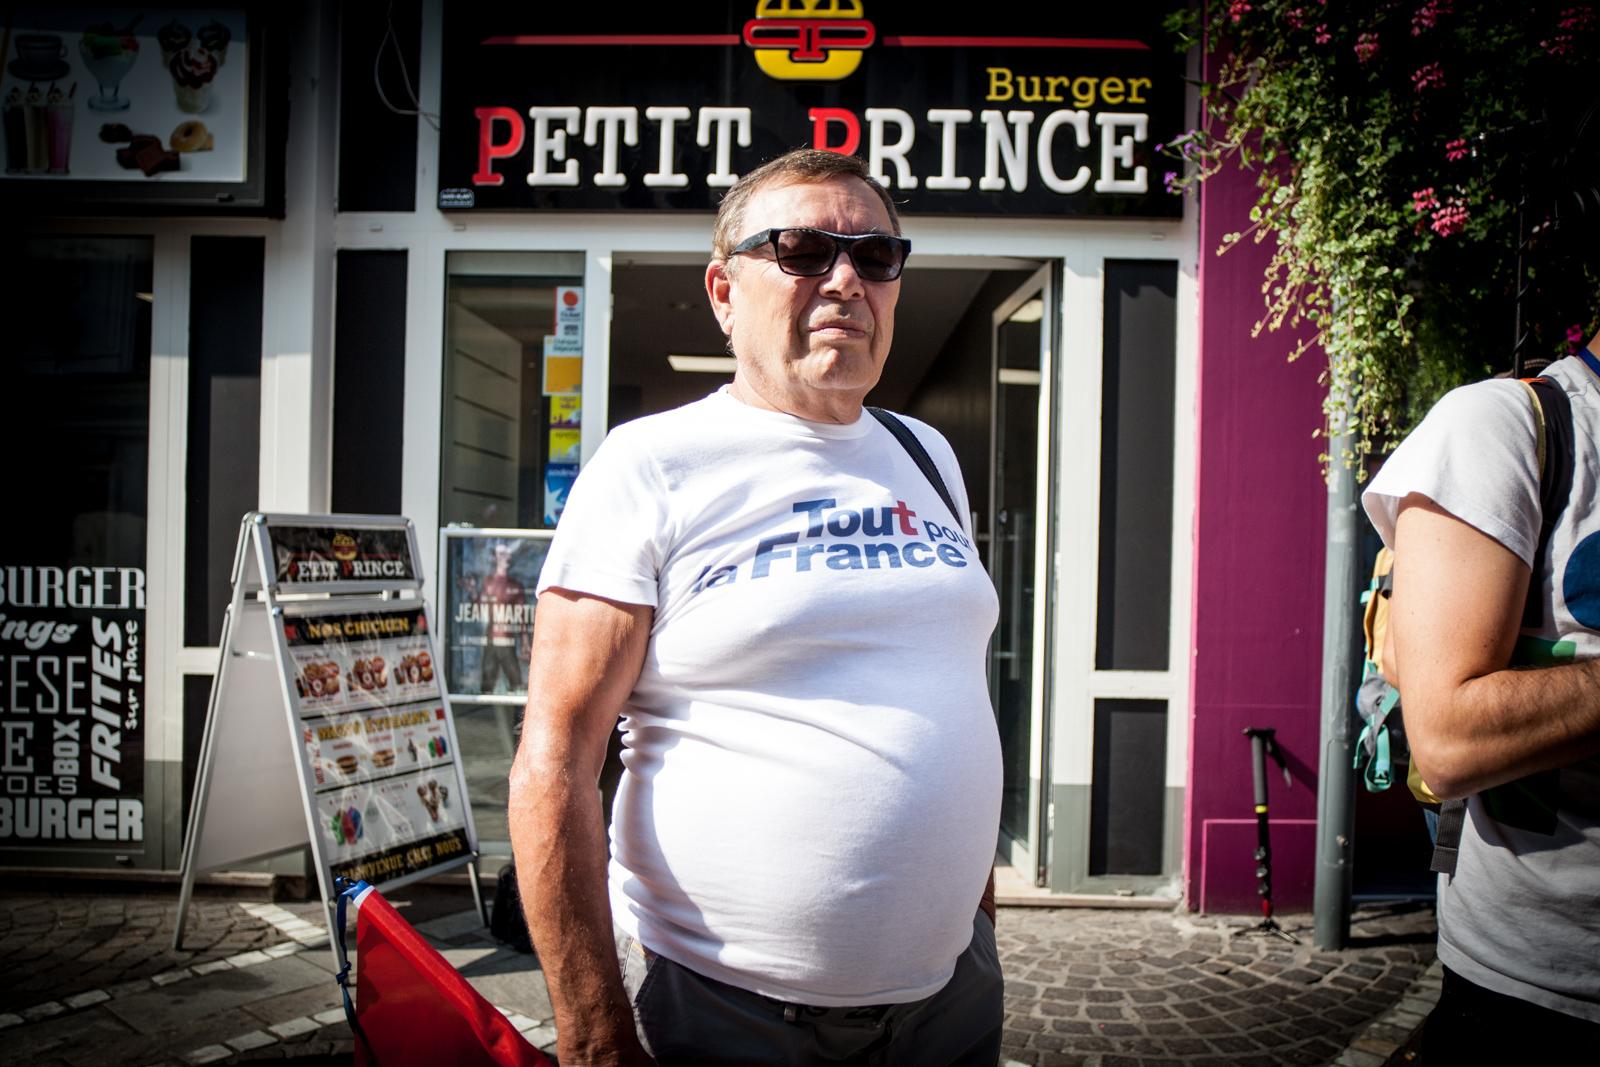 Un militant Les Républicains, devant la librairie qui accueillera Nicolas Sarkozy, à Tourcoing, en septembre 2016. Publié dans Le Monde